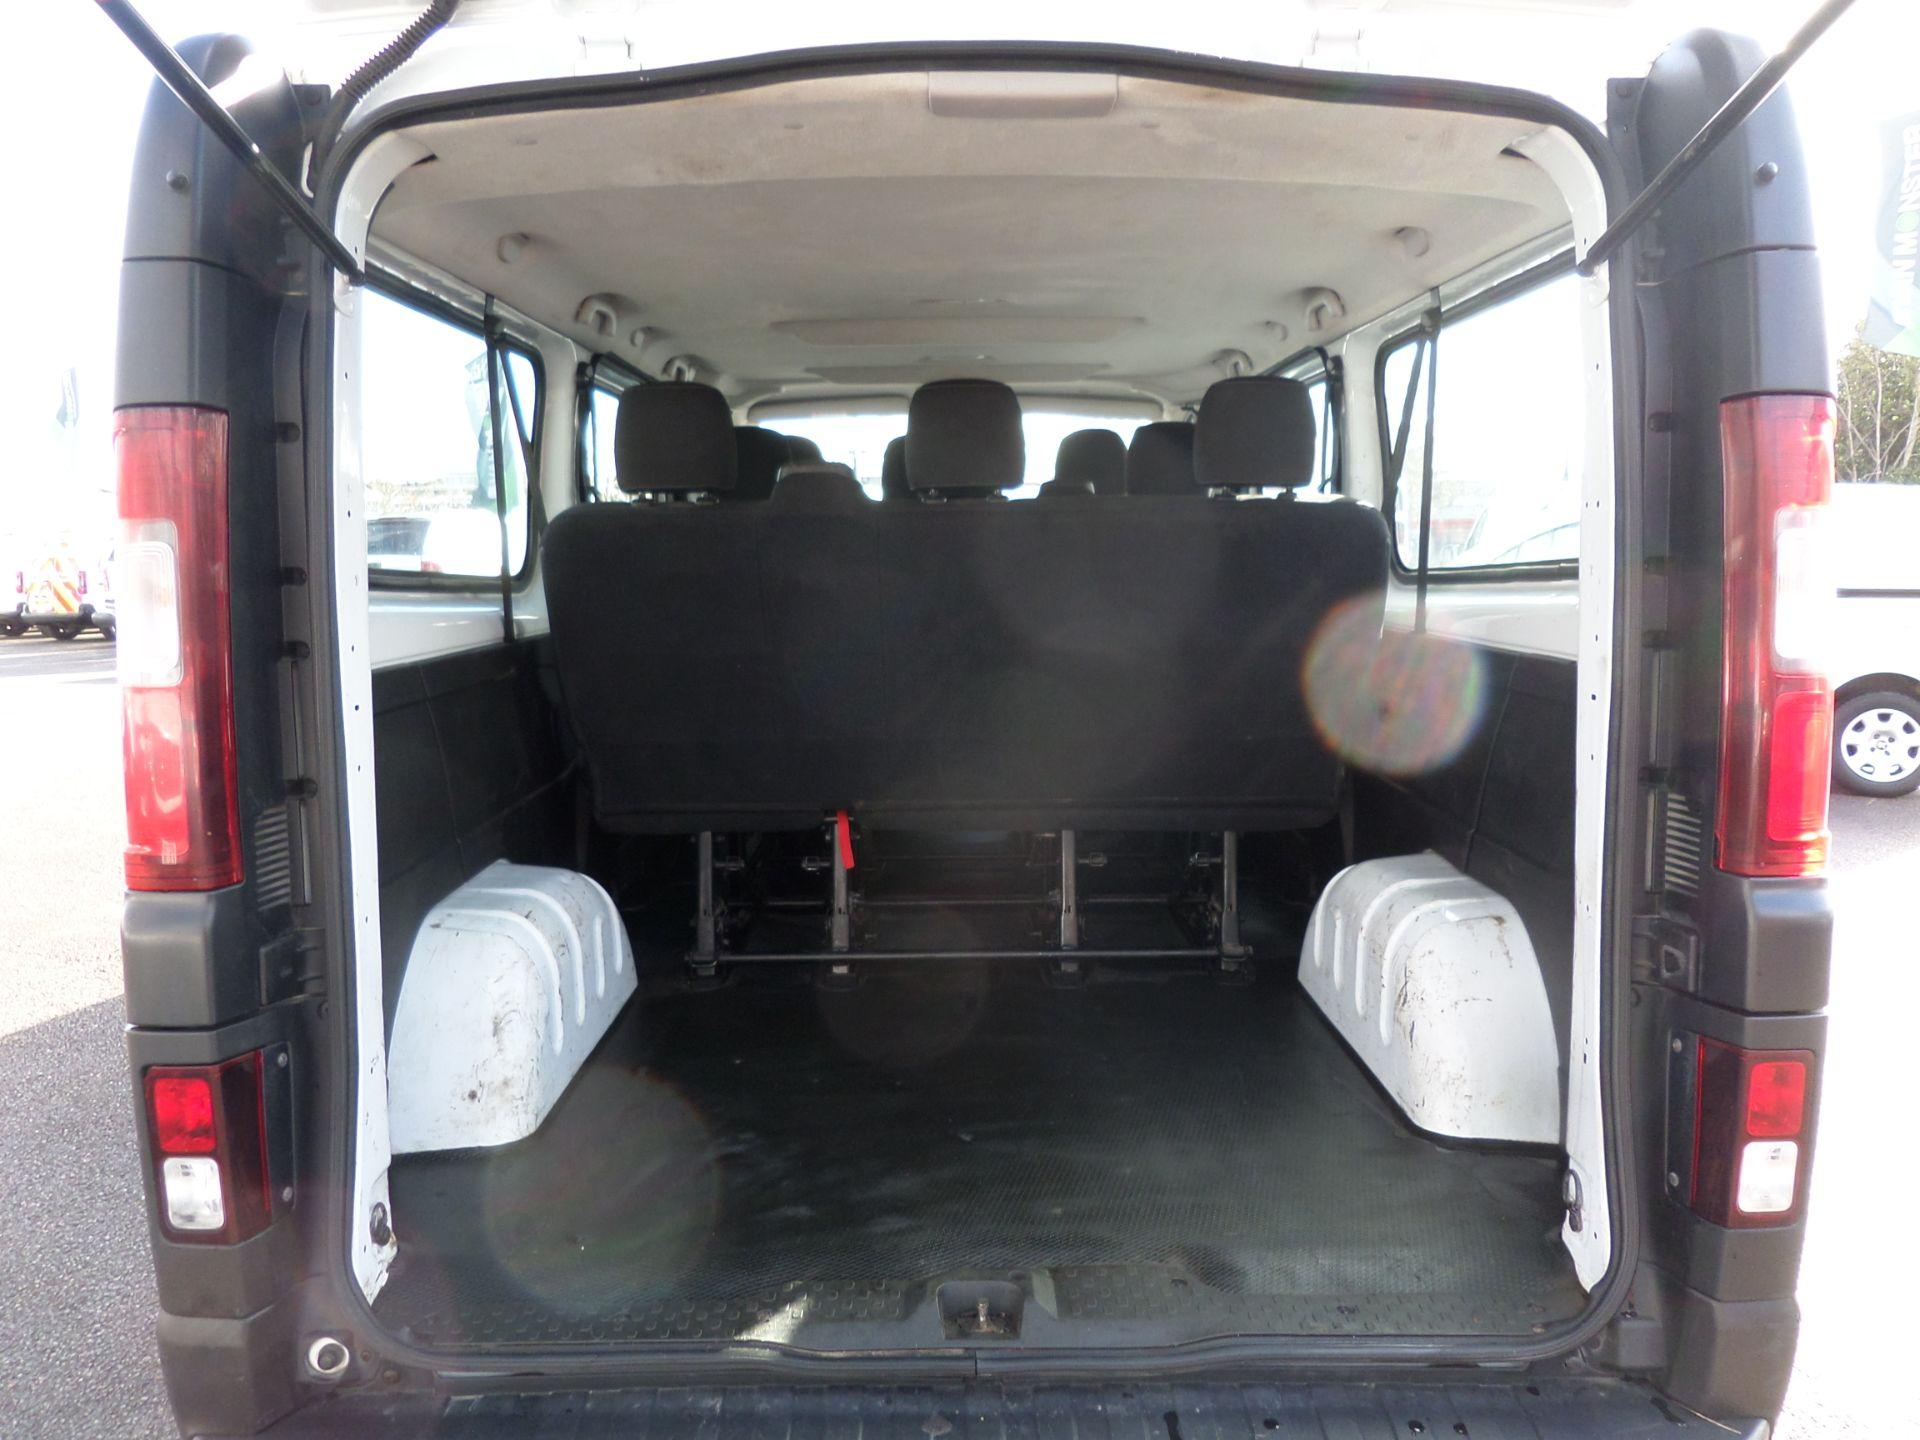 2017 Vauxhall Vivaro 2900 1.6Cdti Biturbo 125Ps H1 Combi 9 Seat (NO VAT) 70mph Limited (DY17UTV) Image 5